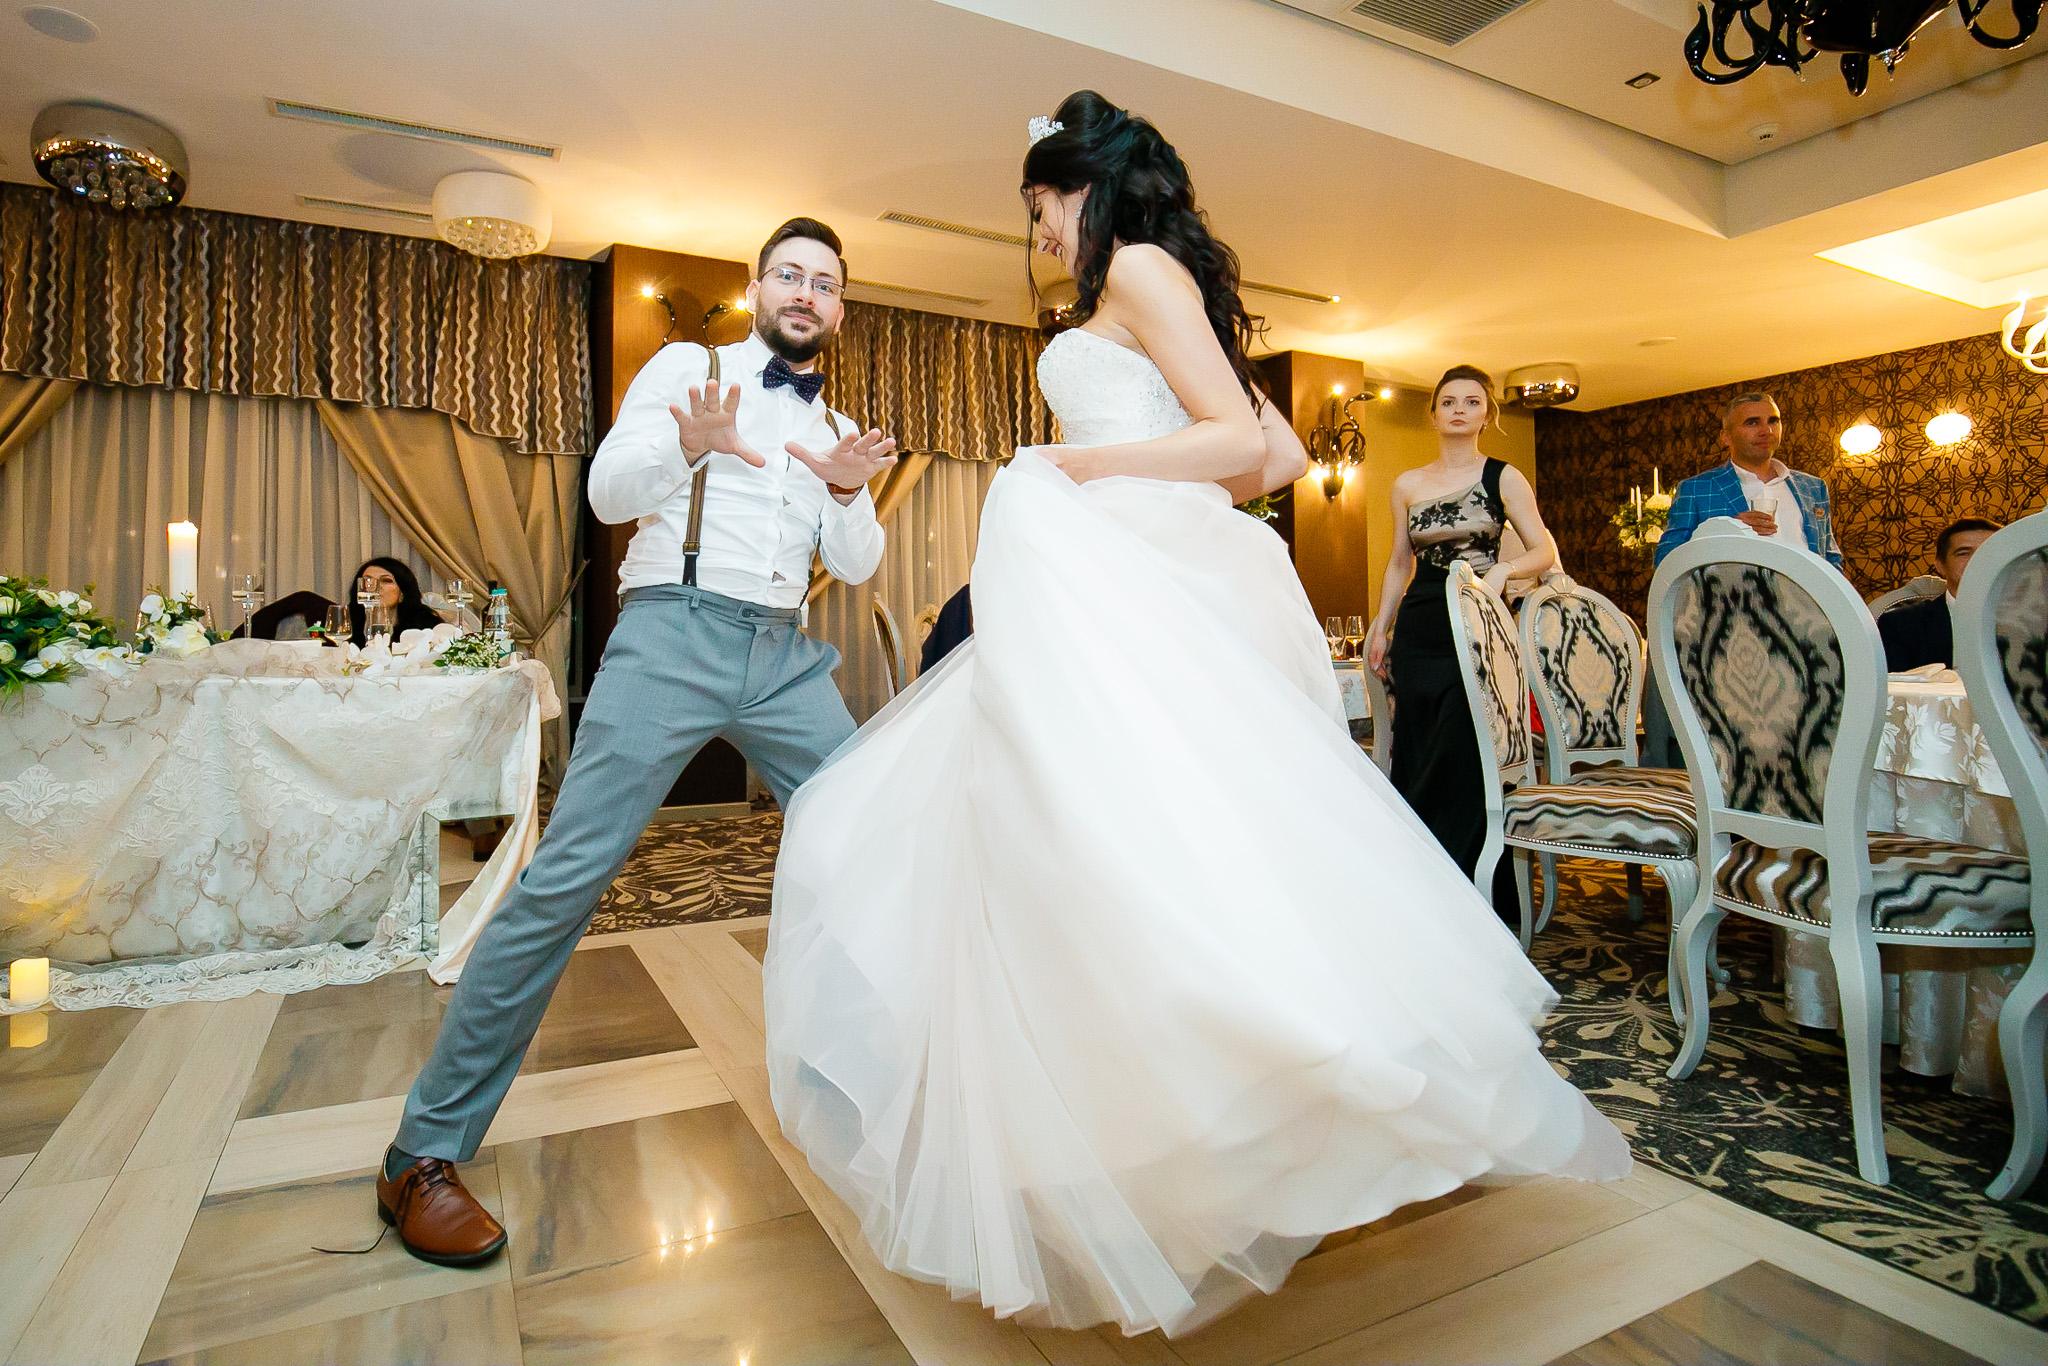 Larisa si Bogdan Nuntă la Pleiada fotograf profesionist nunta Iasi www.paulpadurariu.ro © 2018 Paul Padurariu petrecere 10